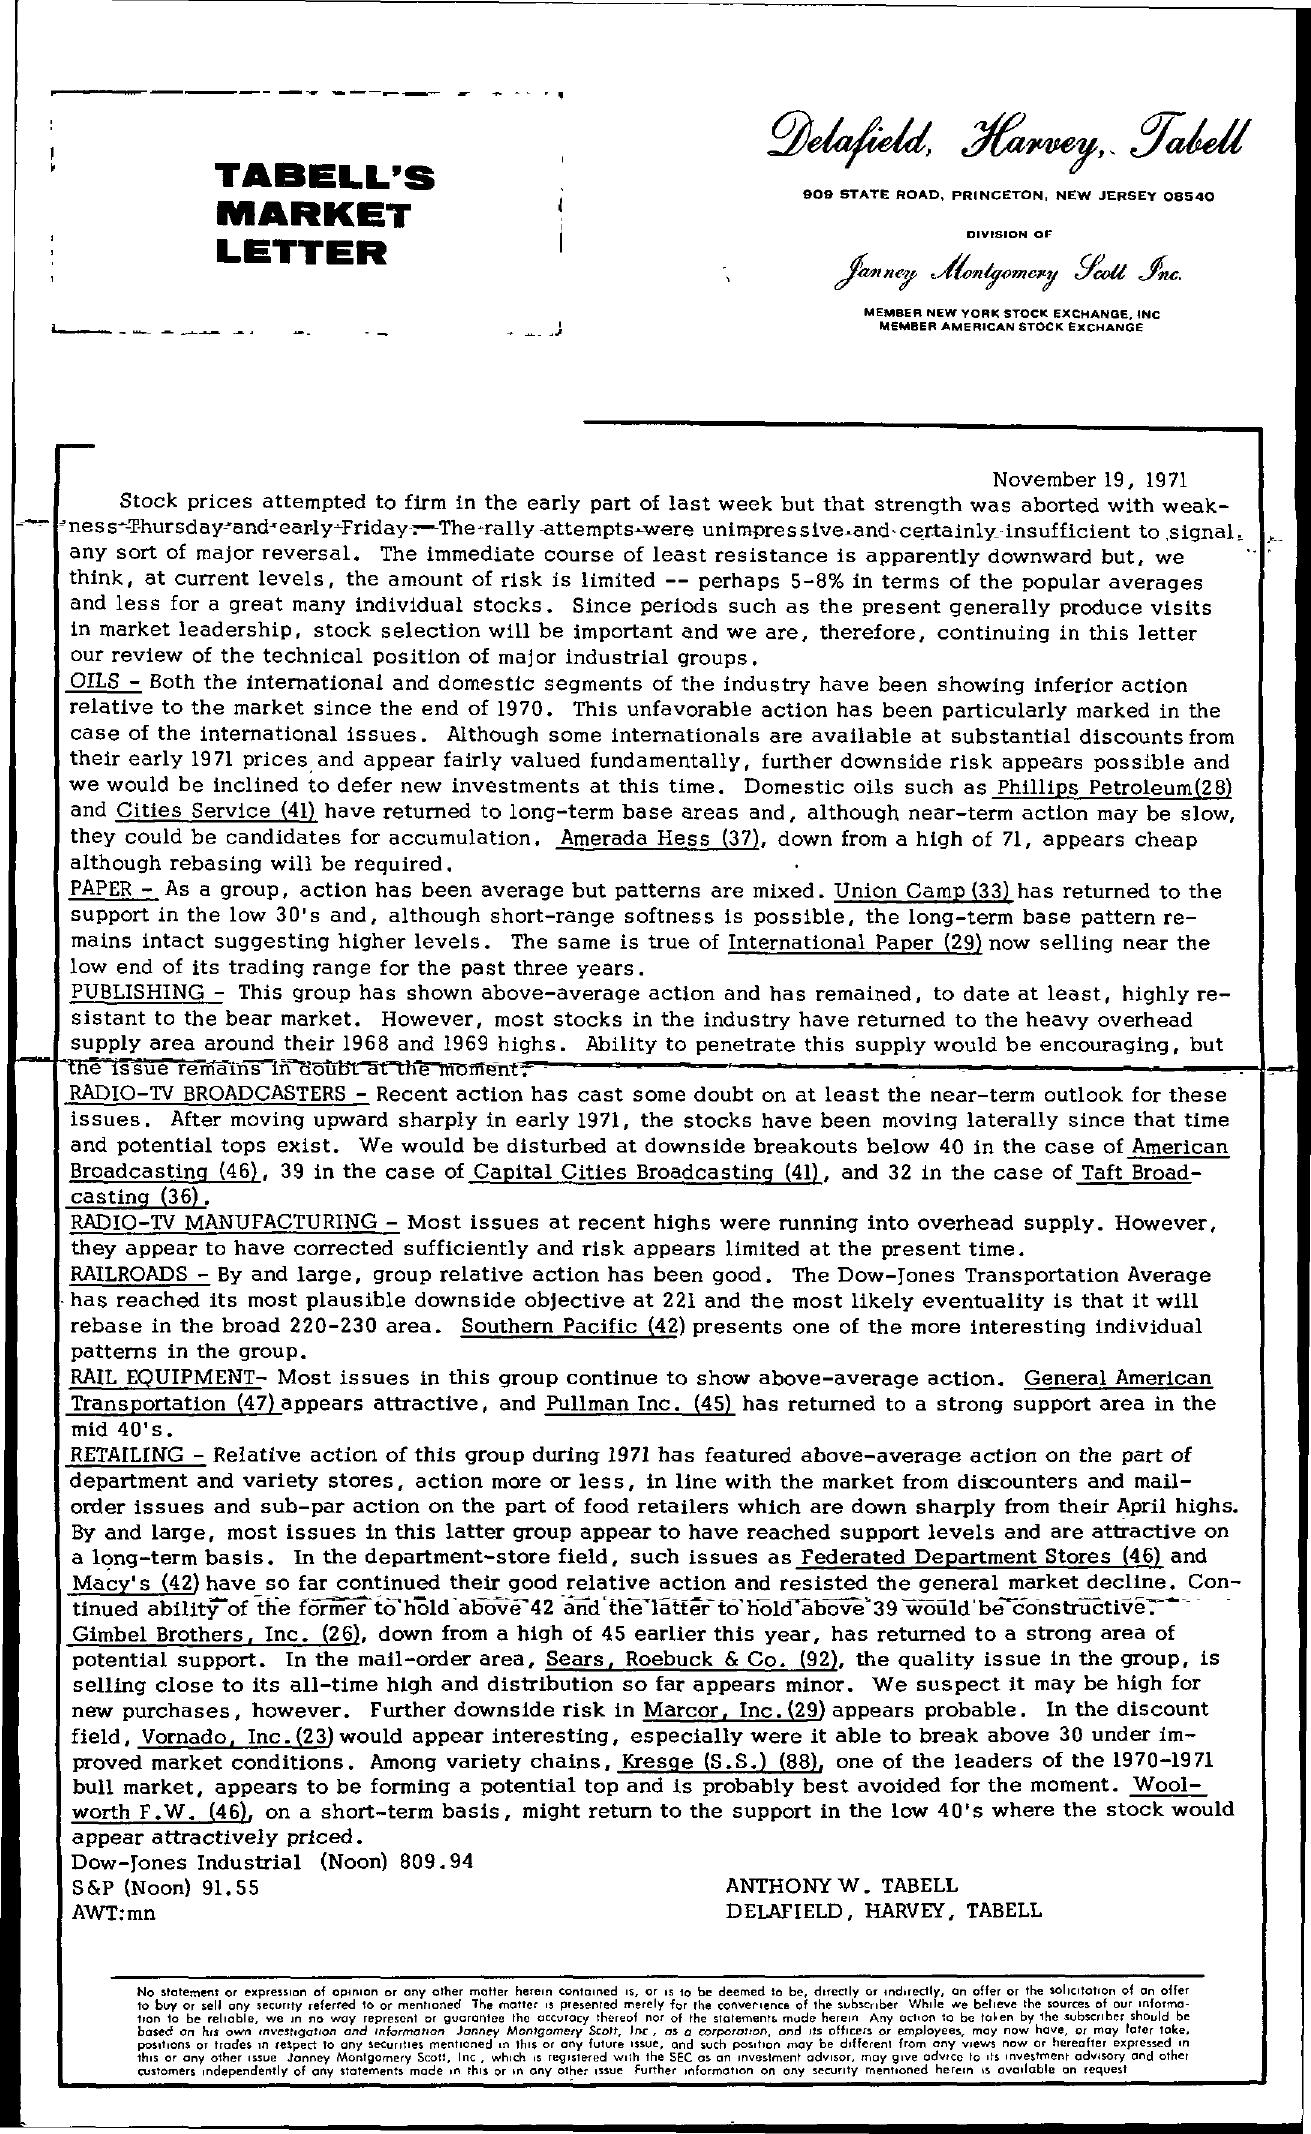 Tabell's Market Letter - November 19, 1971